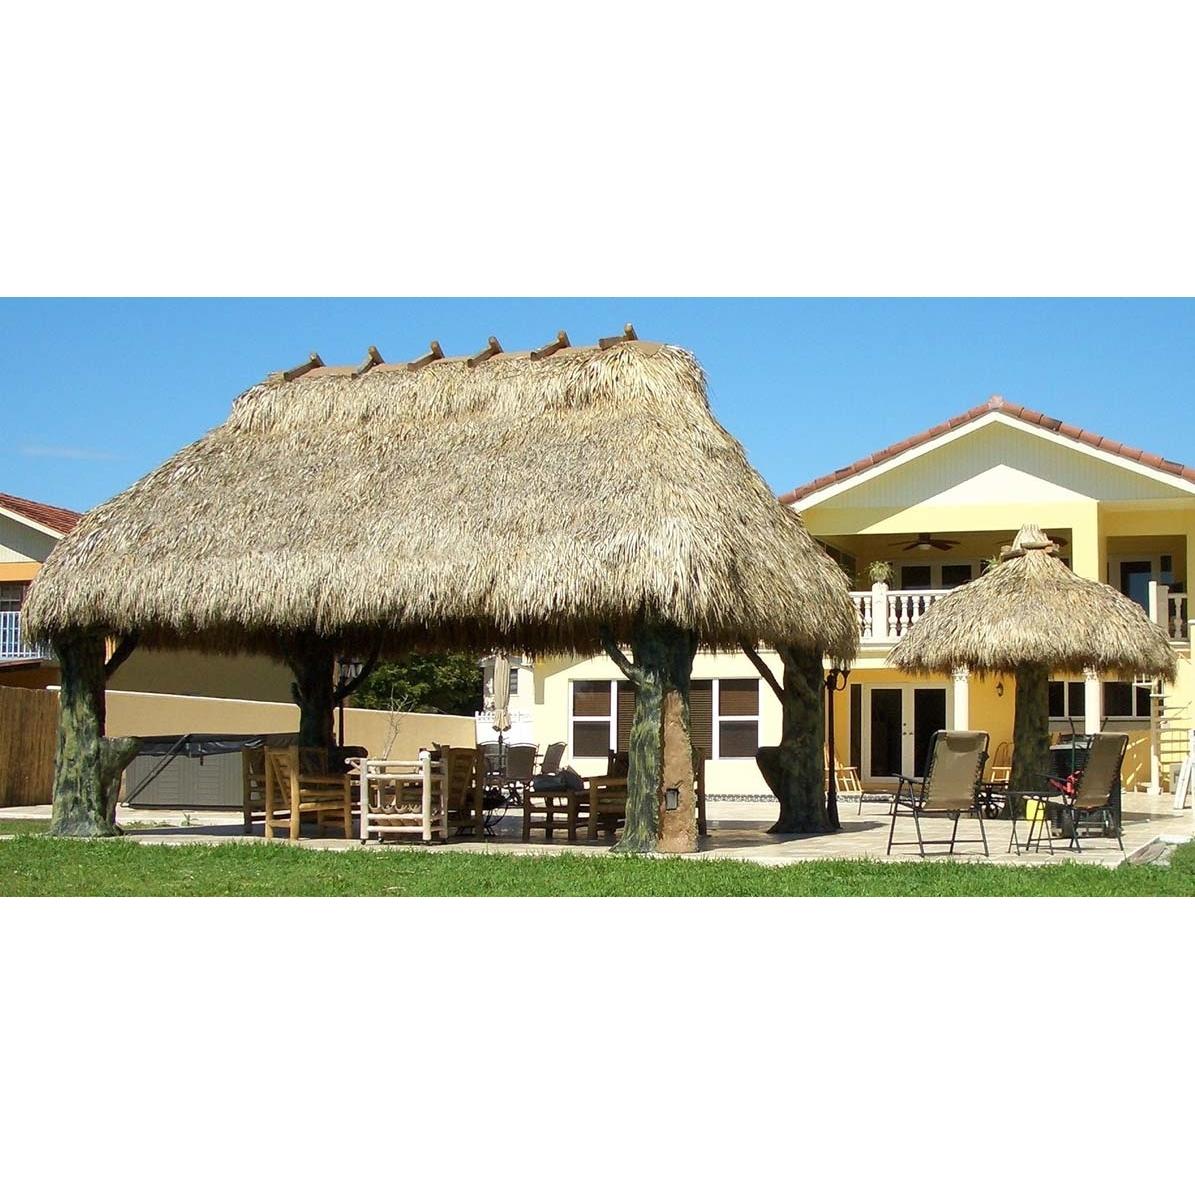 Suncoast Nursery & Tiki Huts Inc